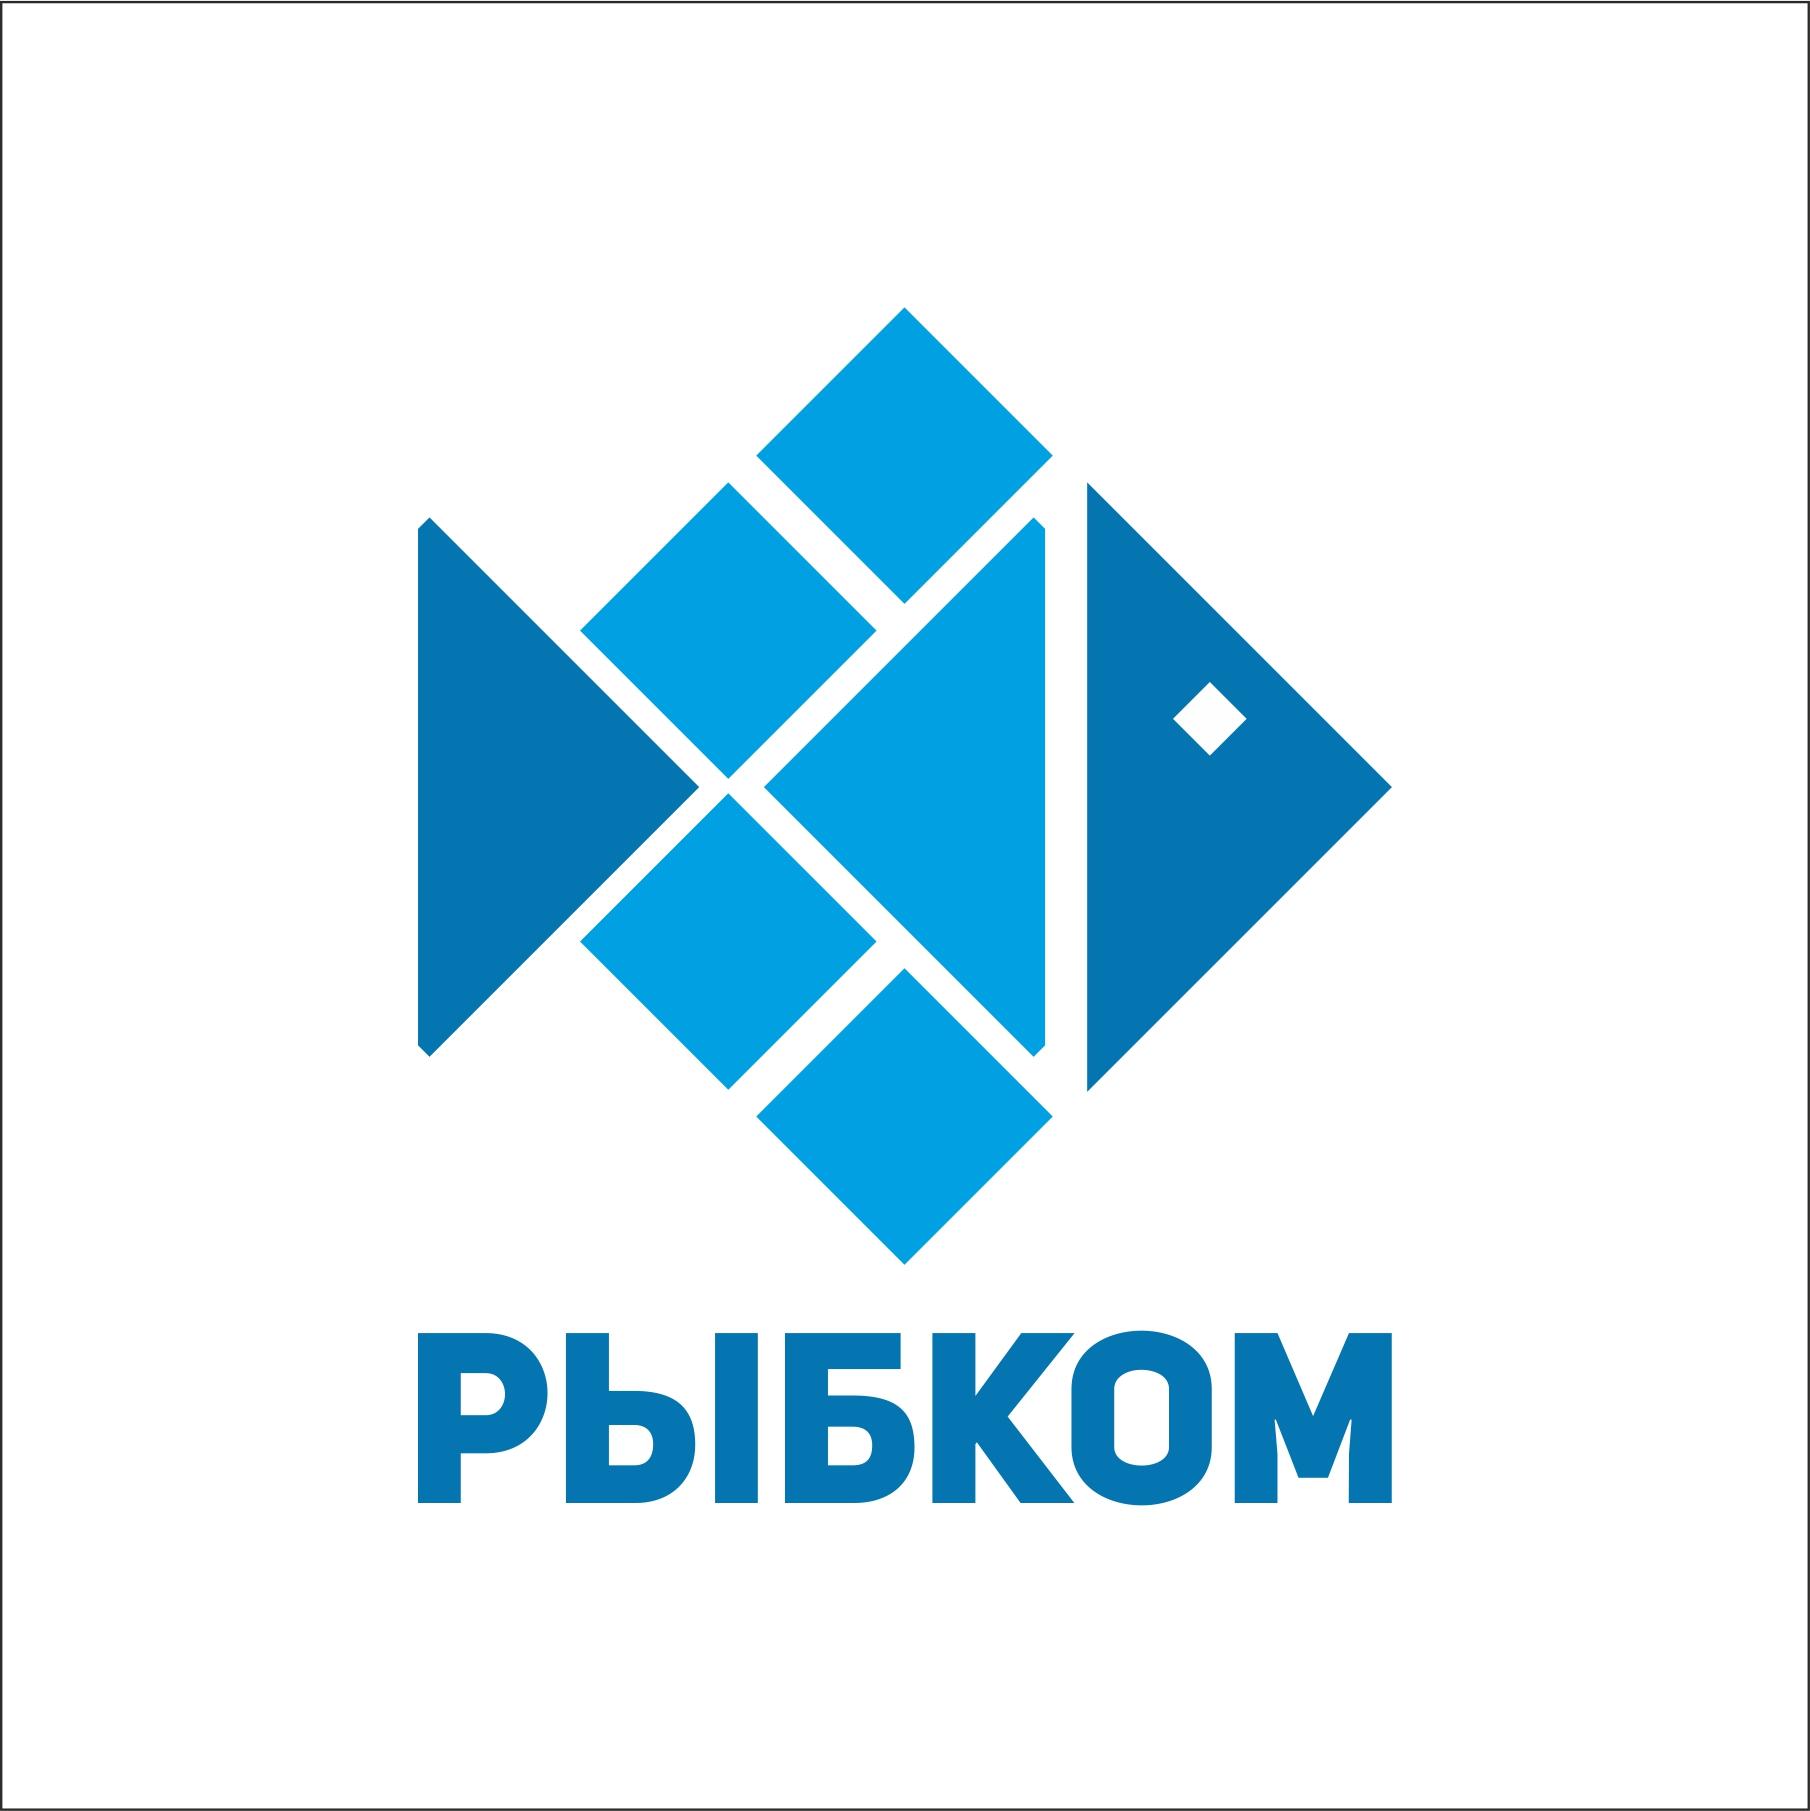 Создание логотипа и брэндбука для компании РЫБКОМ фото f_5965c0a22717ed45.jpg